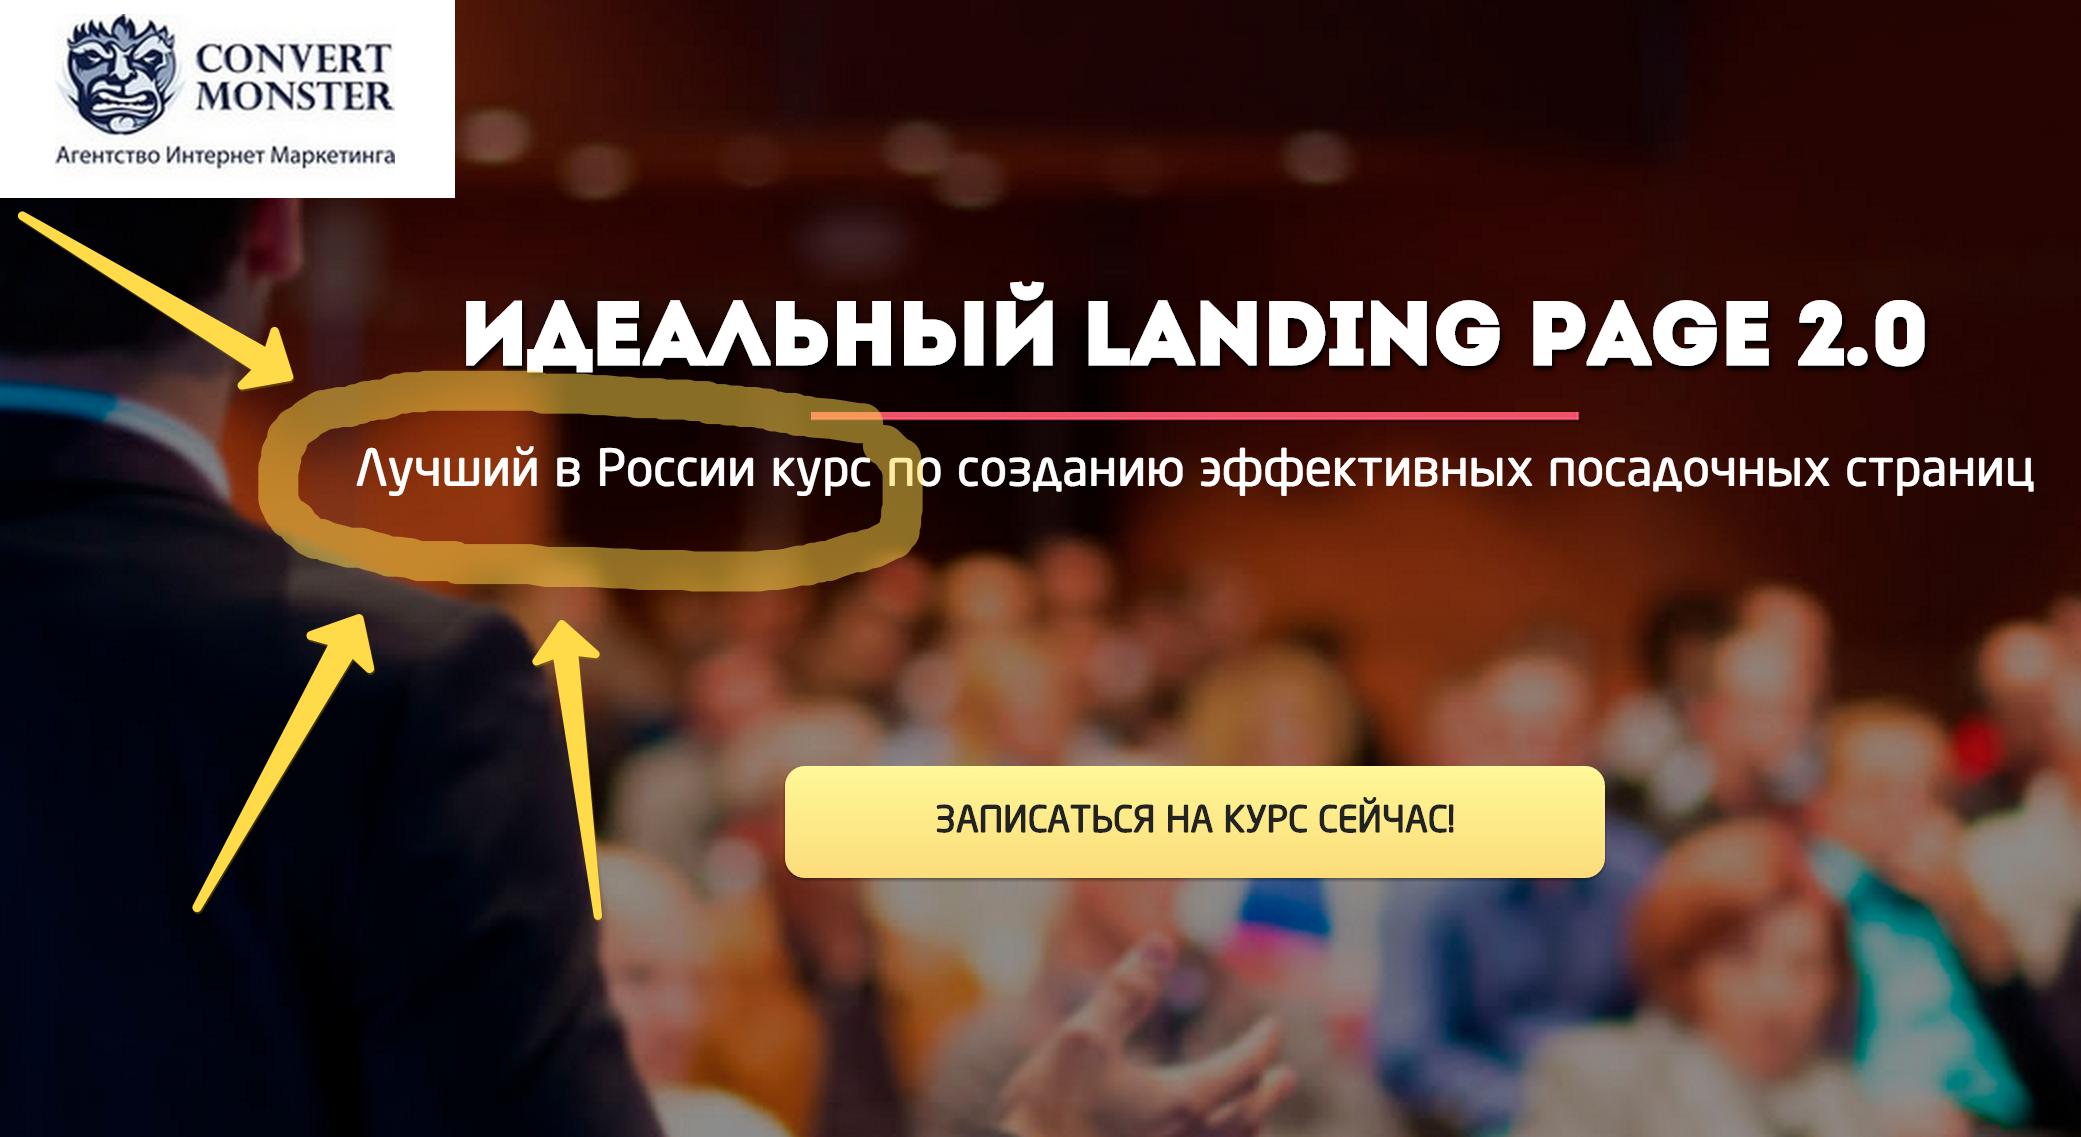 2015-01-31 16-41-57 Идеальный Landing Page - курс по созданию посадочных страниц | Convertmonster